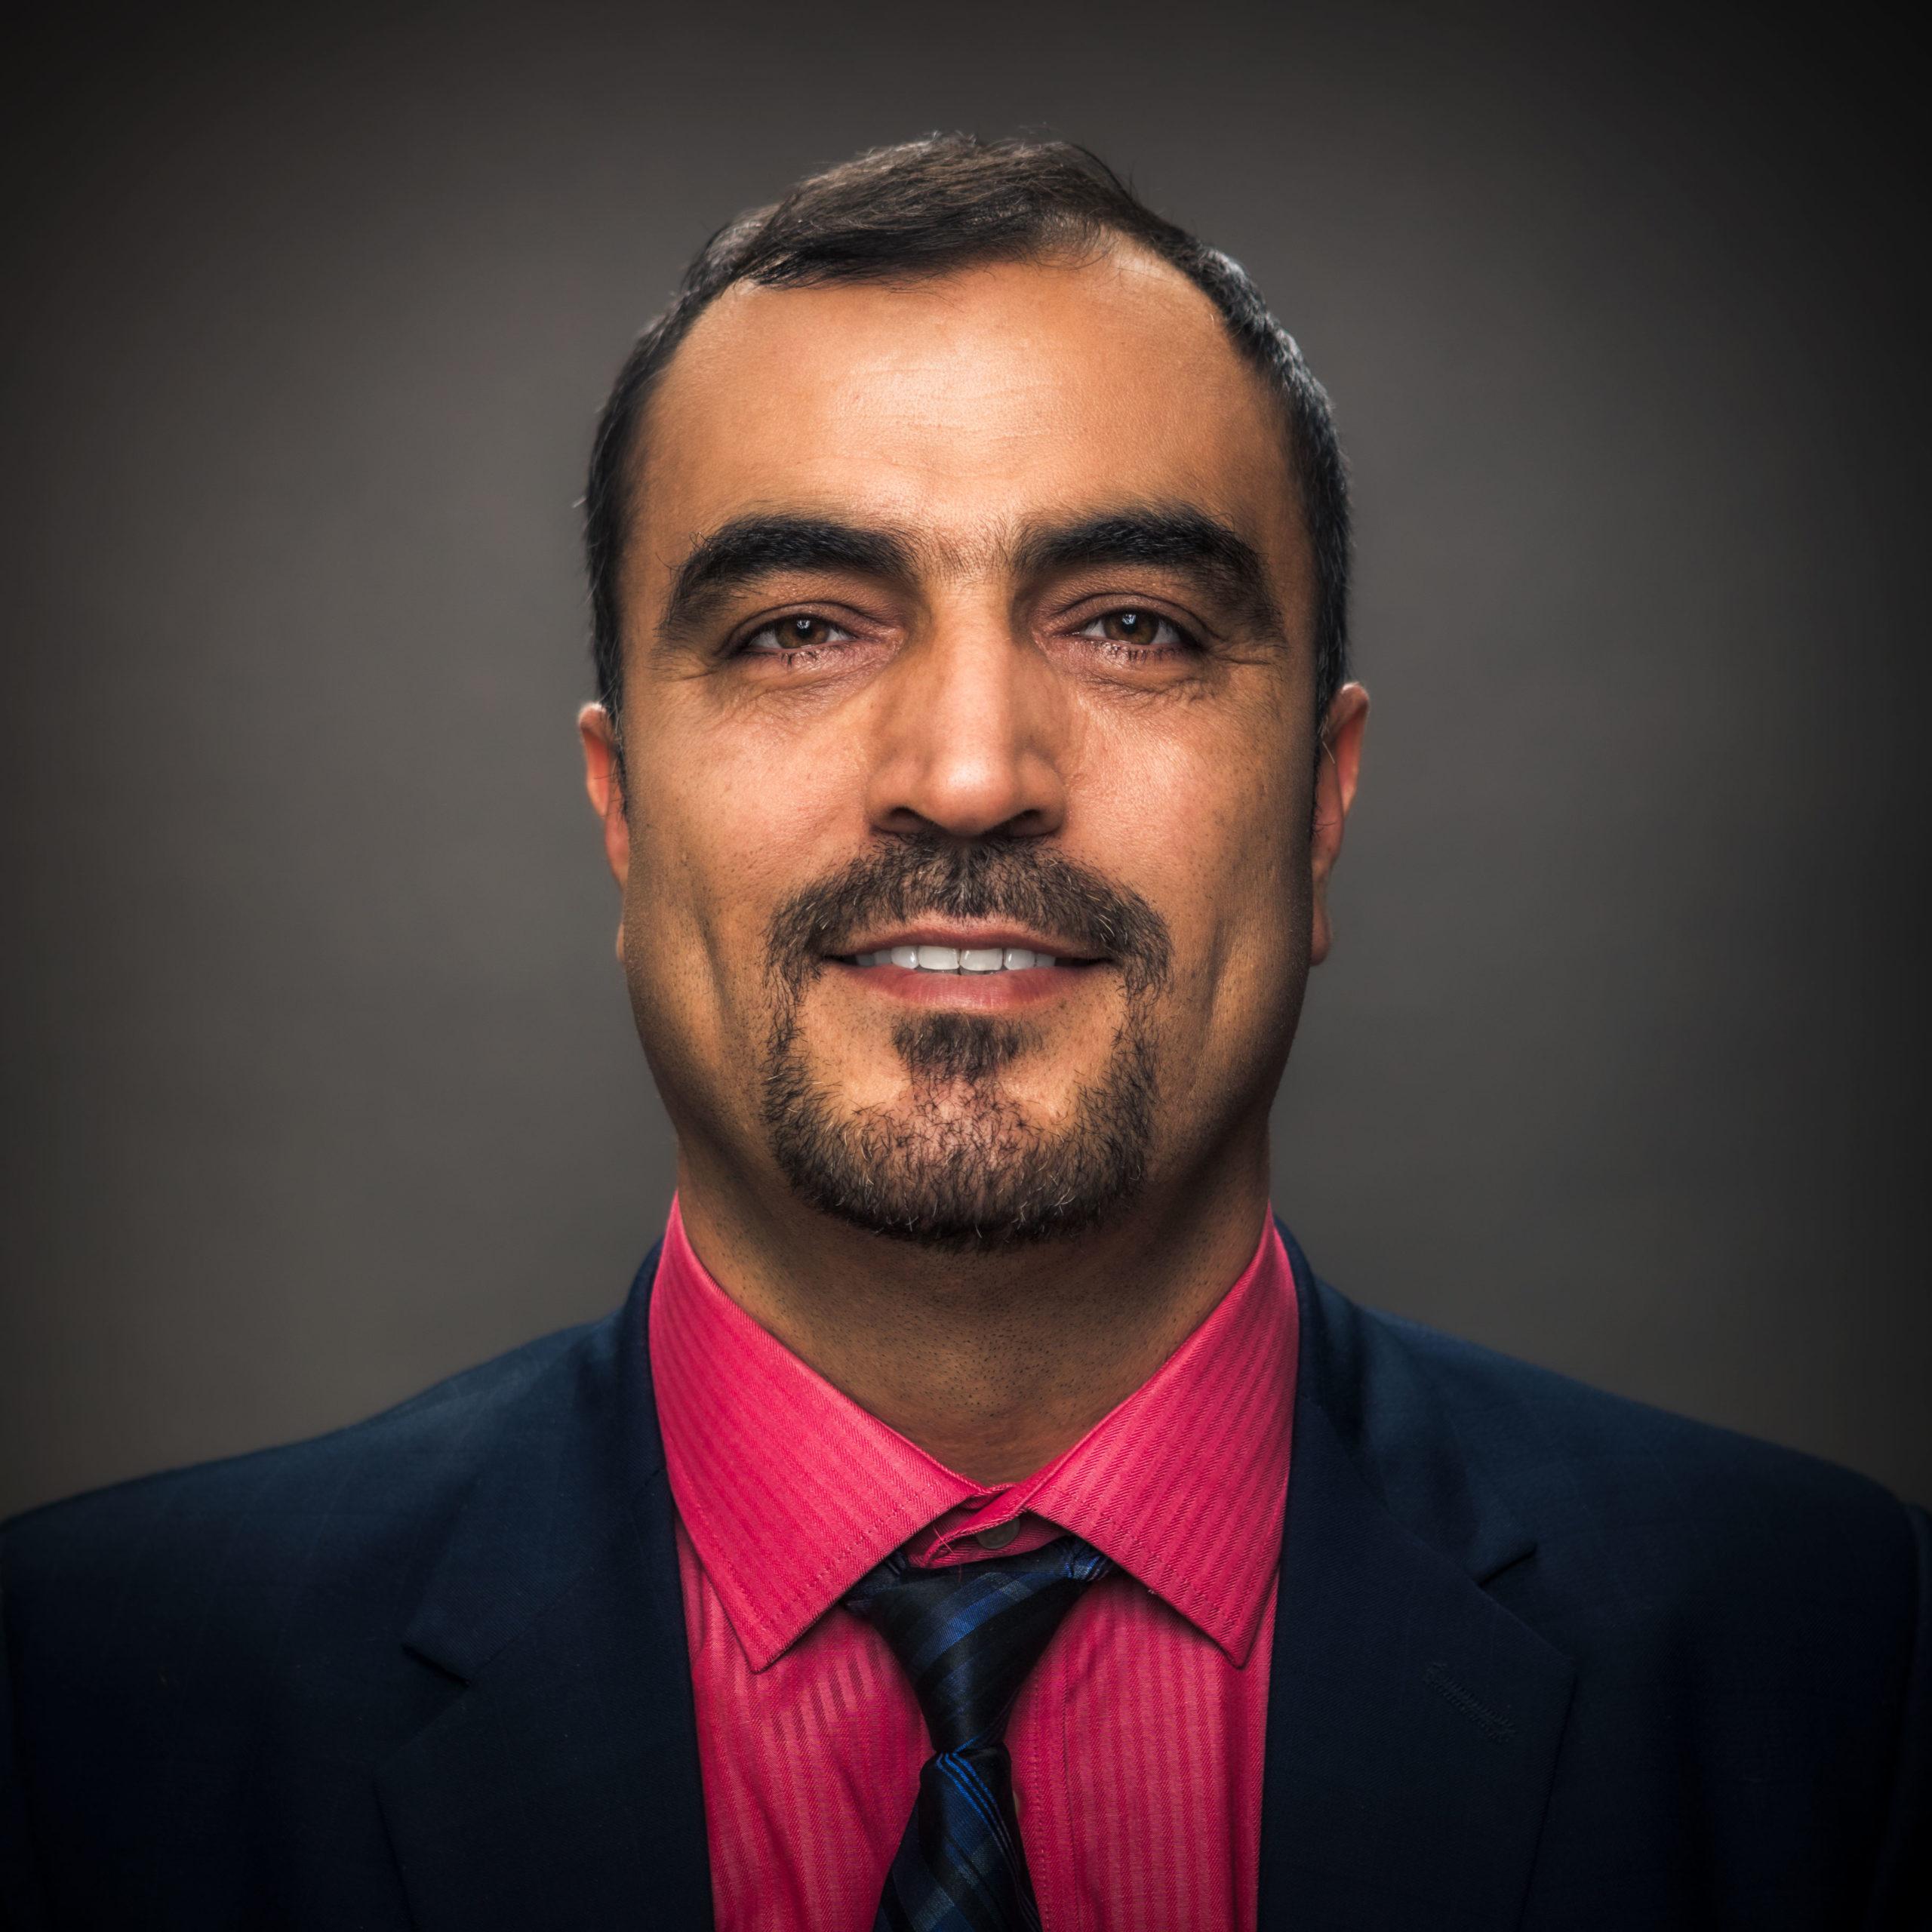 Mohammed Edris